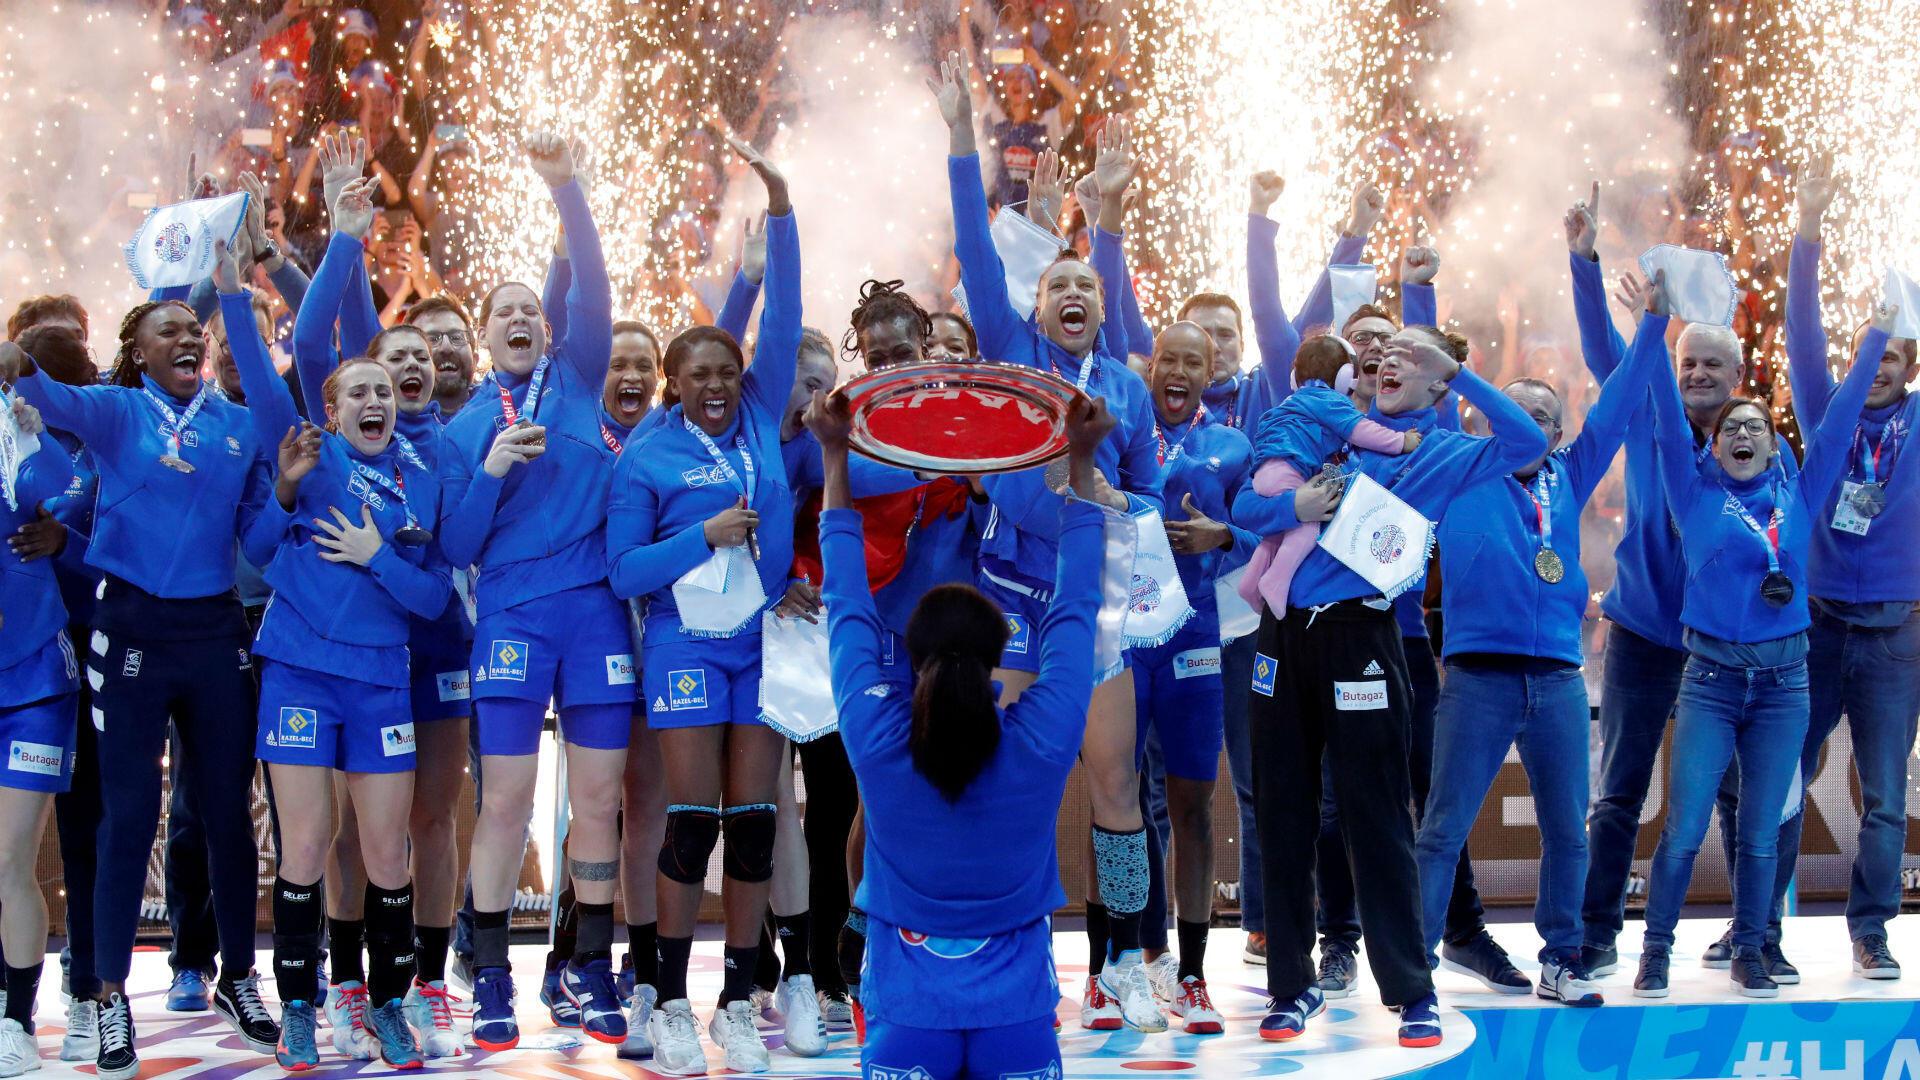 Débutée en beauté lors des JO, l'année se termine en apothéose pour le sport français, avec le sacre des Bleues à l'Euro-2018 féminin de handball. Les filles d'Olivier Krumbholz, championnes du monde un an plus tôt, s'offrent leur première couronne continentale.